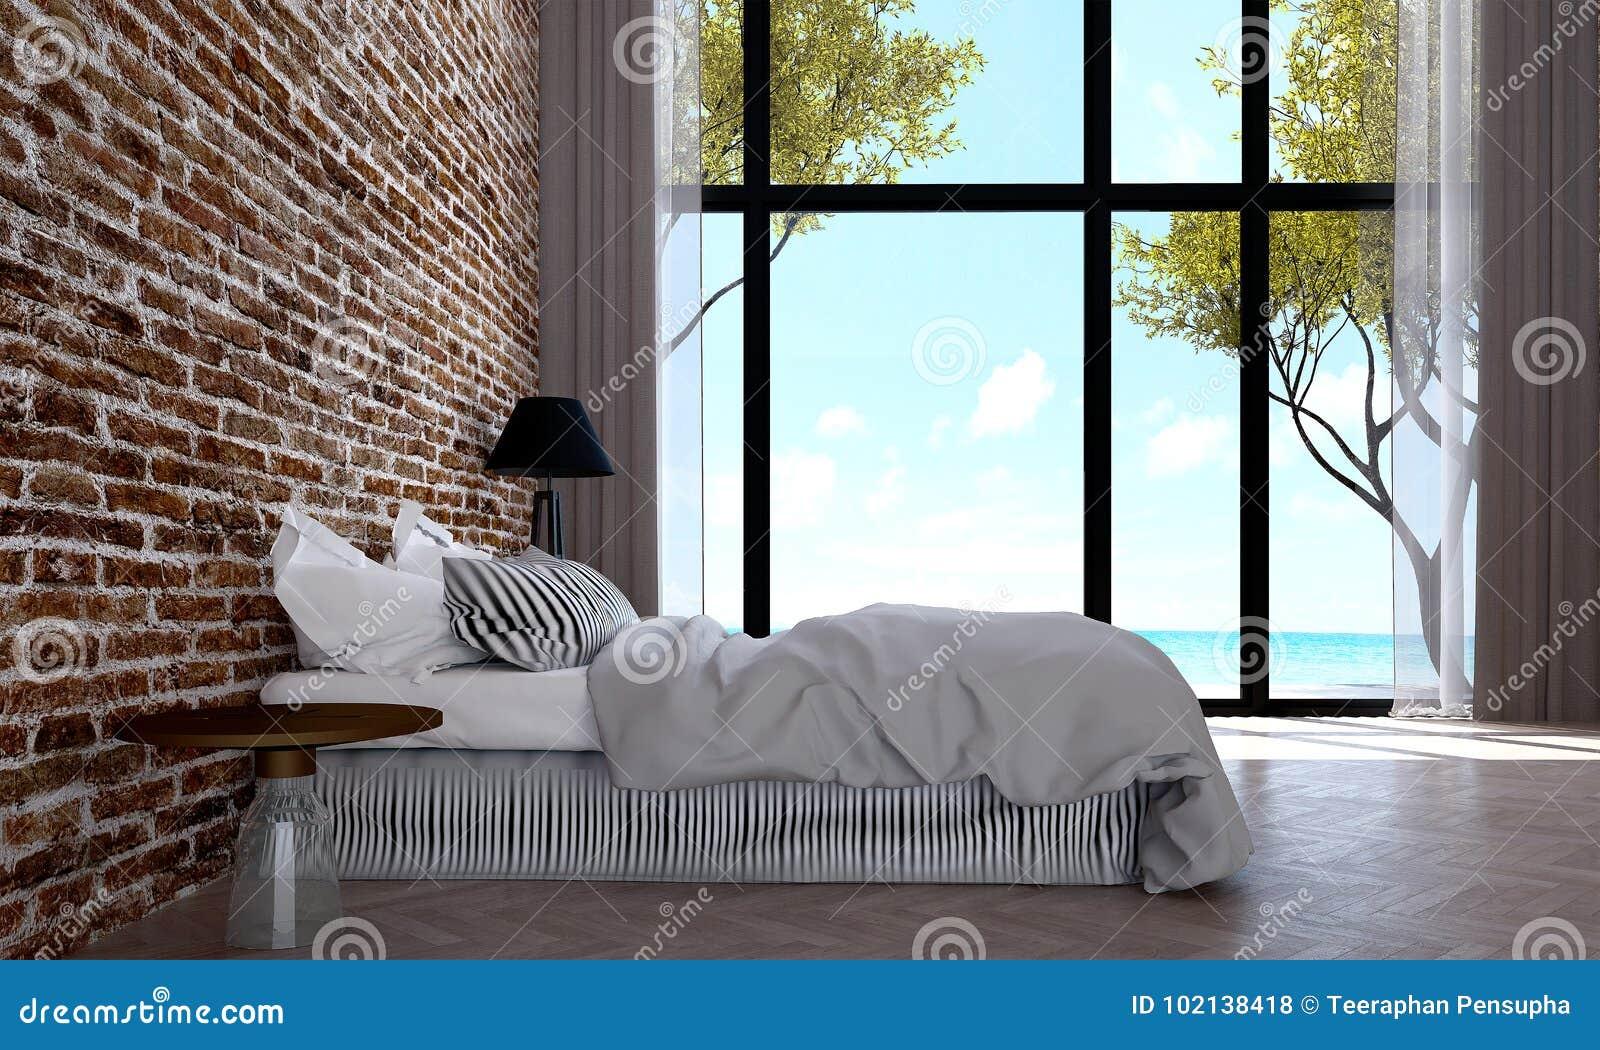 View Chambre Moderne Brique Gif